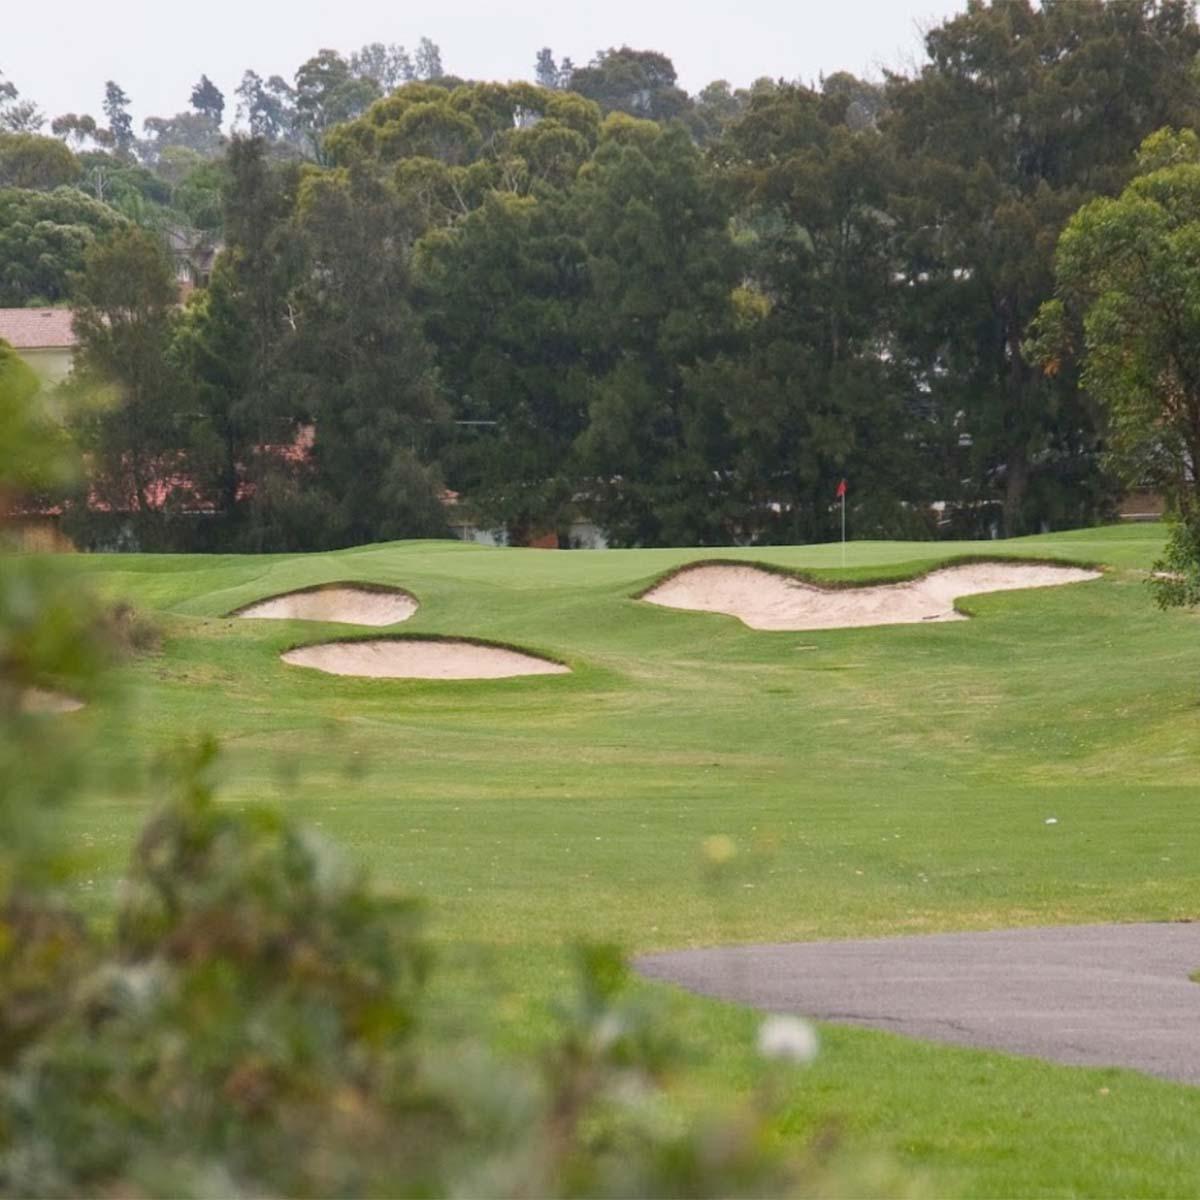 Scenery around Cumberland Country Club